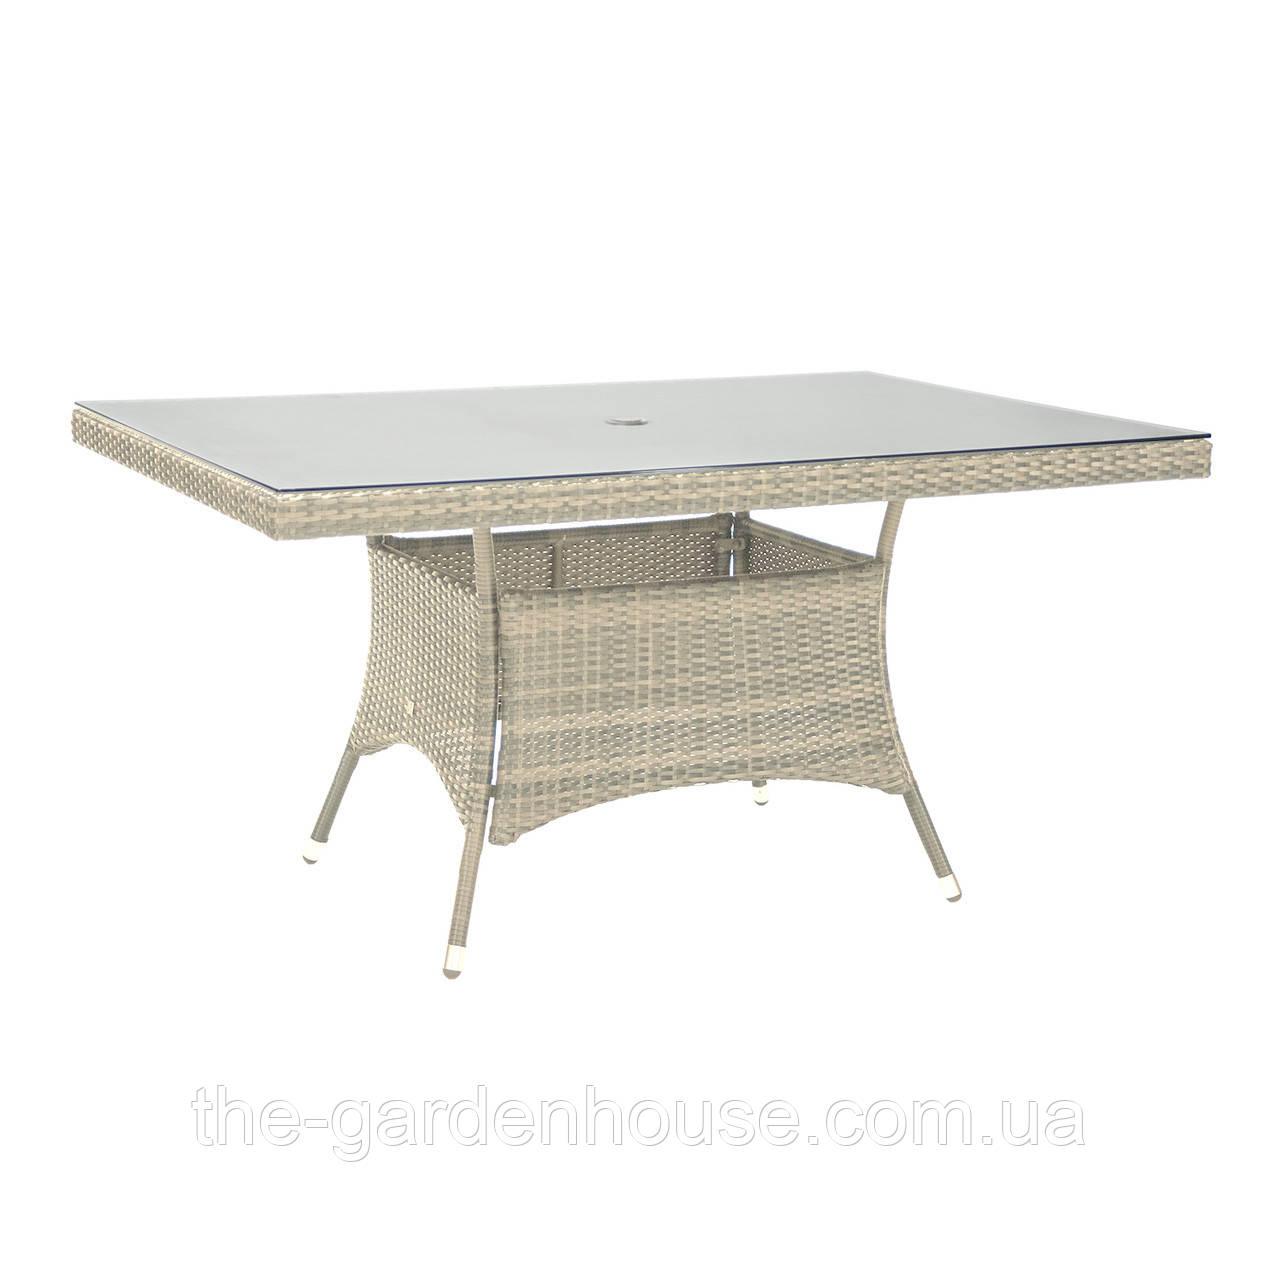 Обеденный стол Wicker из искусственного ротанга со стеклом 150x100 см светло-бежевый